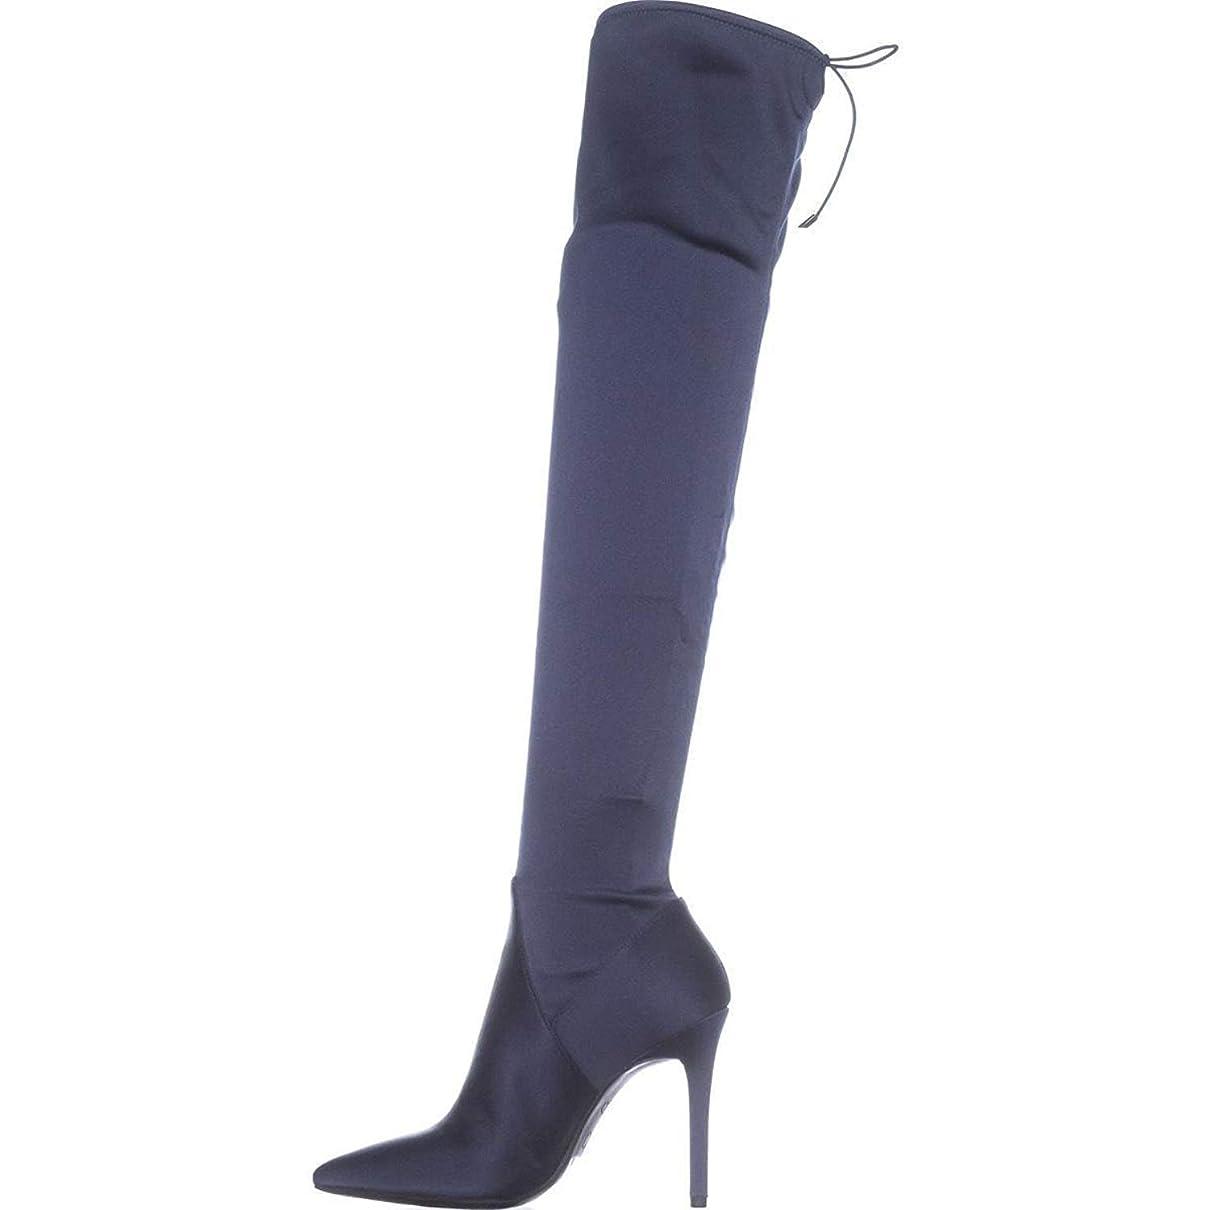 章自信があるビジター[Jessica Simpson] Womens Lessy Pointed Toe Over Knee Fashion Boots, Blue, Size 5.5 [並行輸入品]